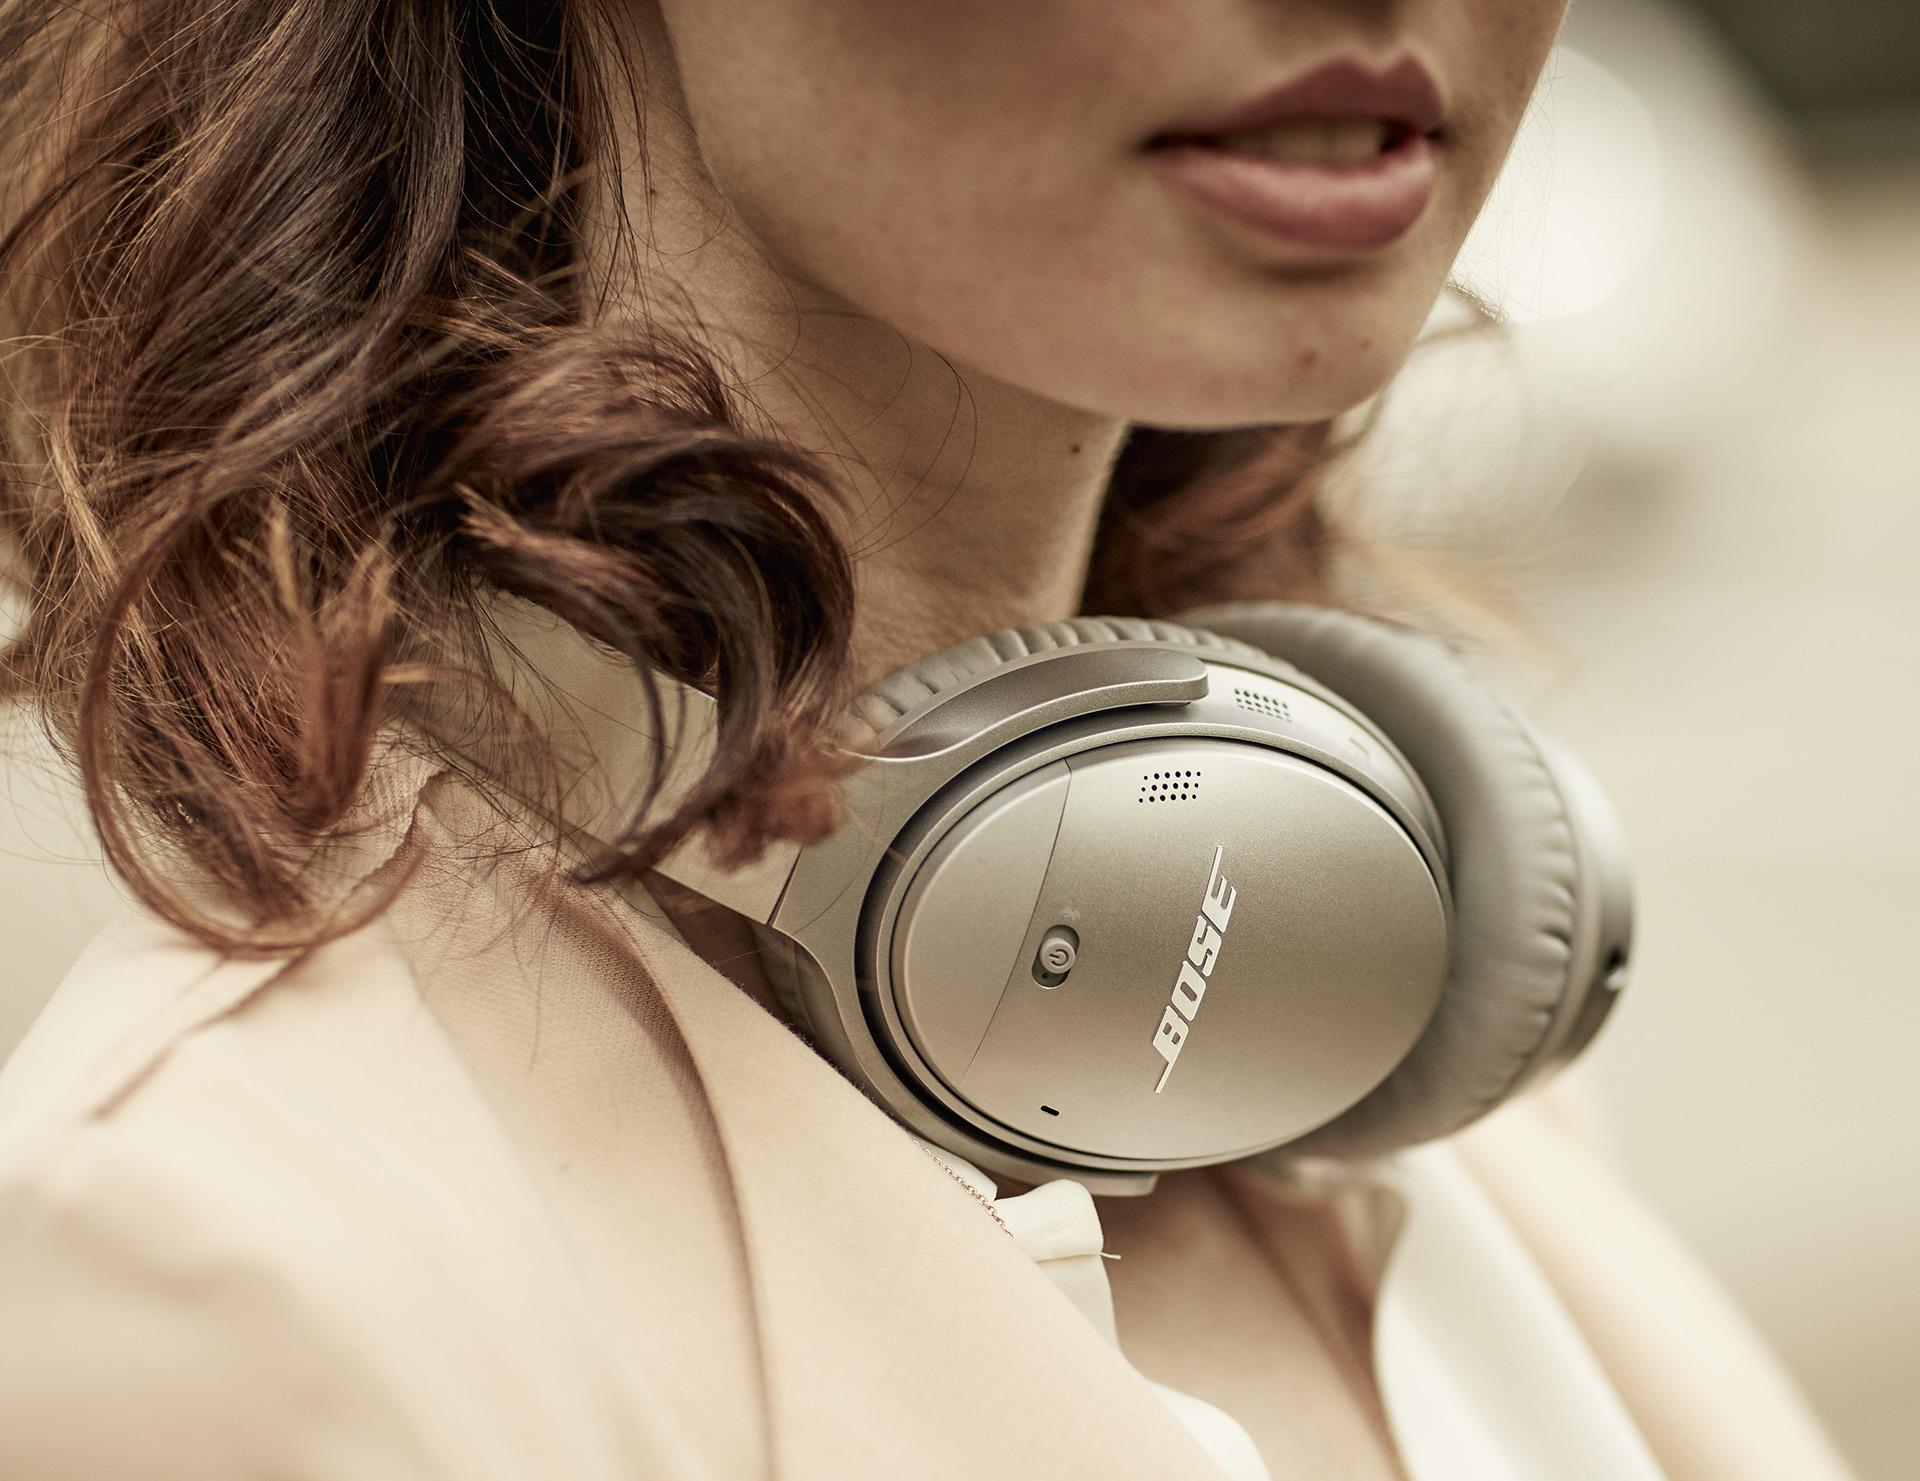 Bose QuietComfort 35 II headphones